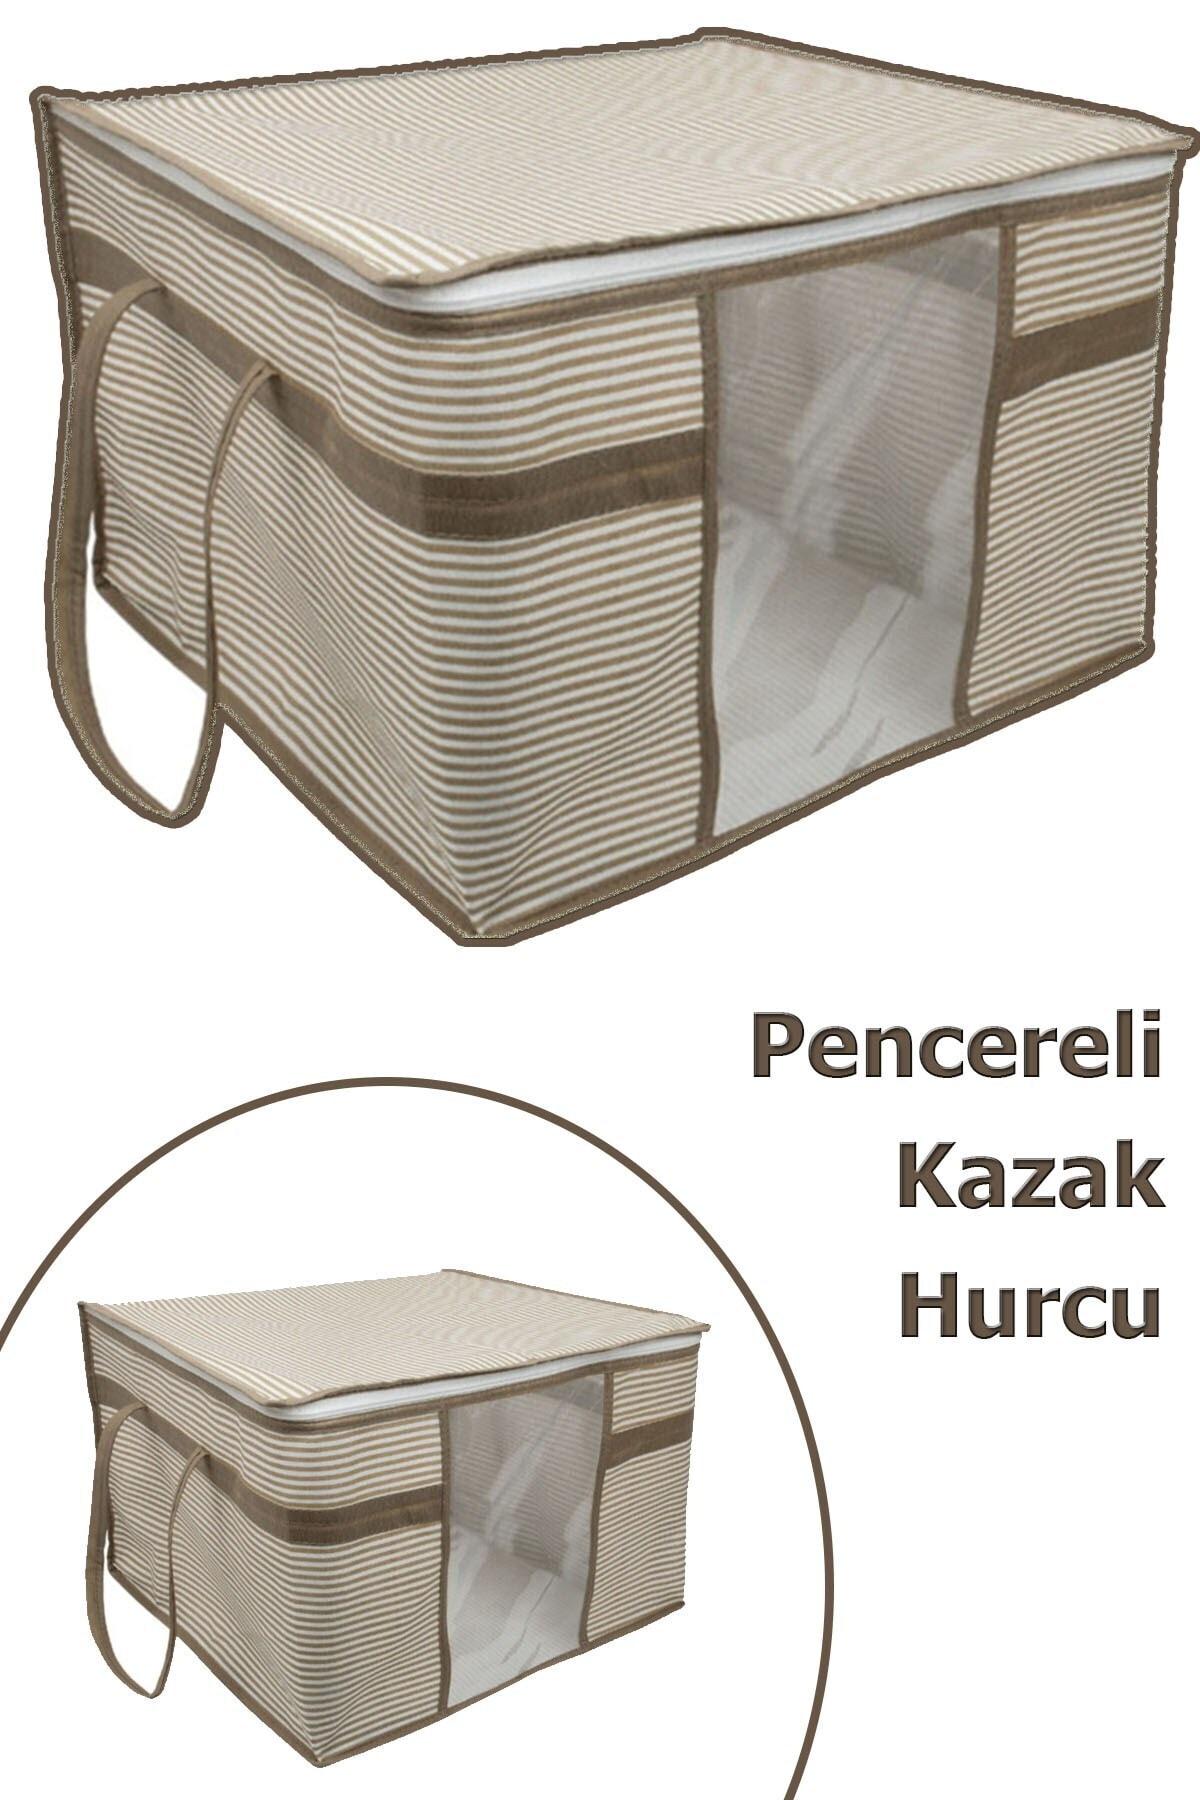 Vivyan 3 Adet Pencereli Kazak Hurcu Sandık Tipi Çok Amaçlı Saklama Çantası 45 X 40 X 30 Cm - Krengi Çizgili 1